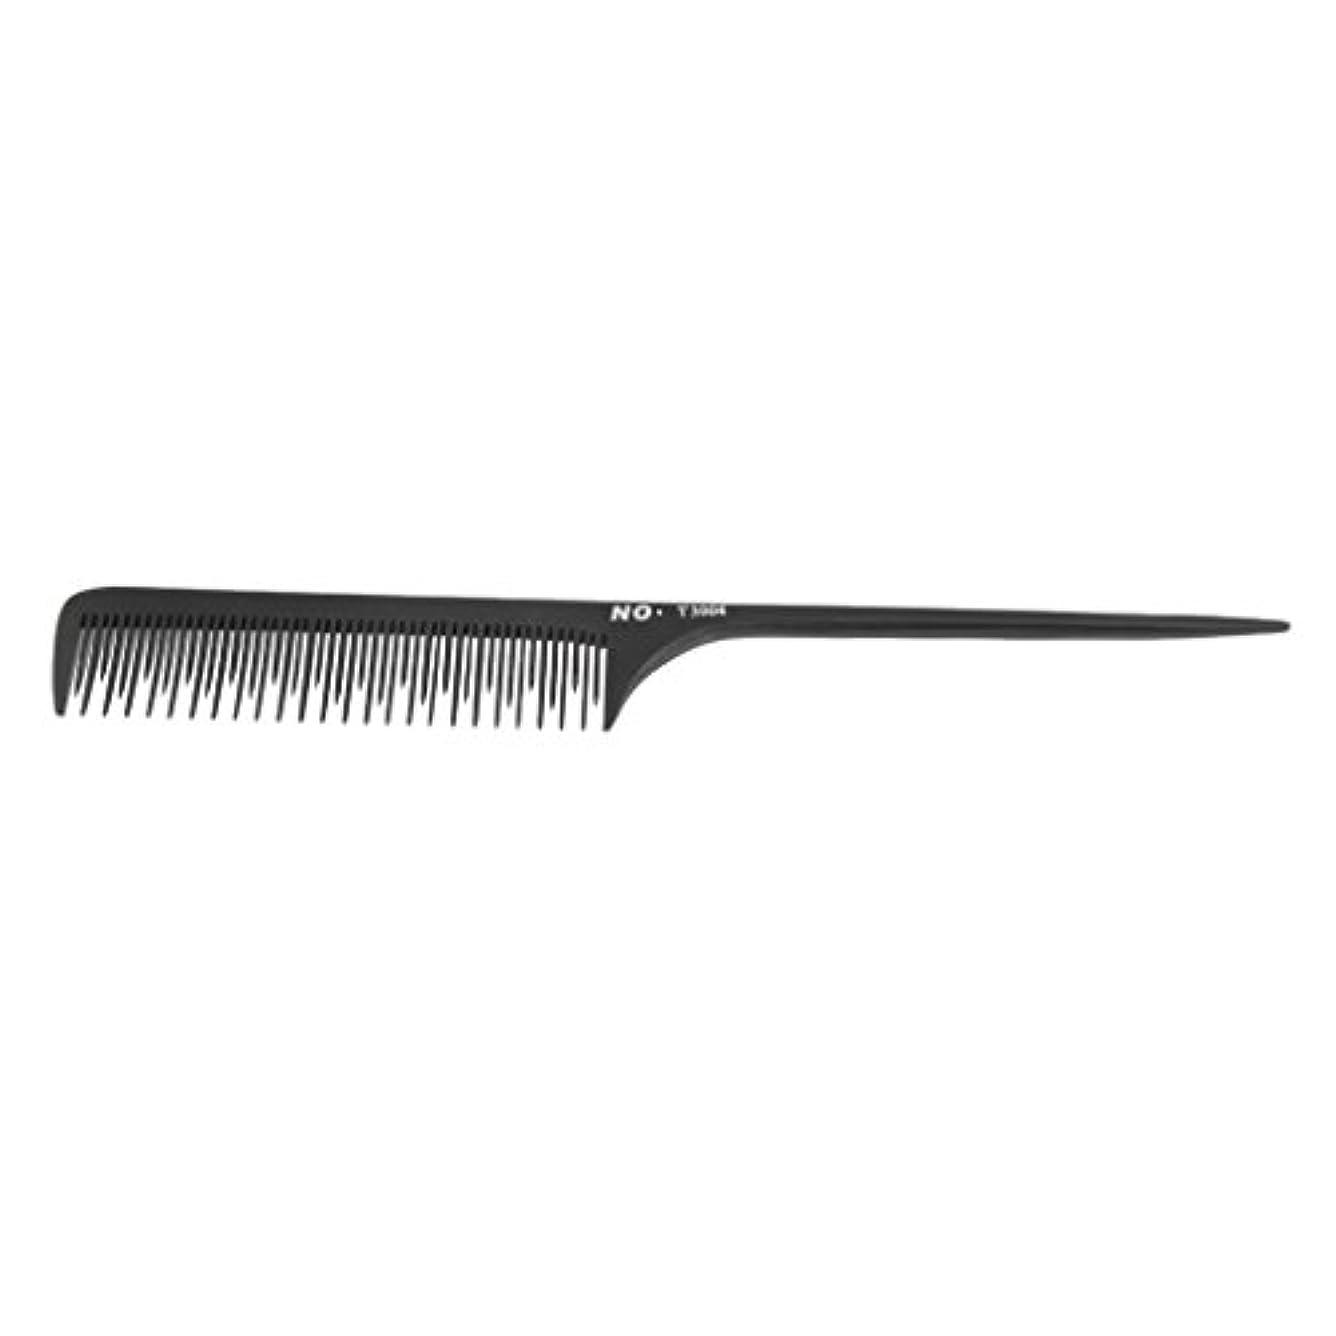 休眠とげのある有効化Homyl サロン 理髪師 ヘアスタイリング 櫛 テールコーム ヘアコーム ヘアブラシ プロ 2タイプ選べ - t3004